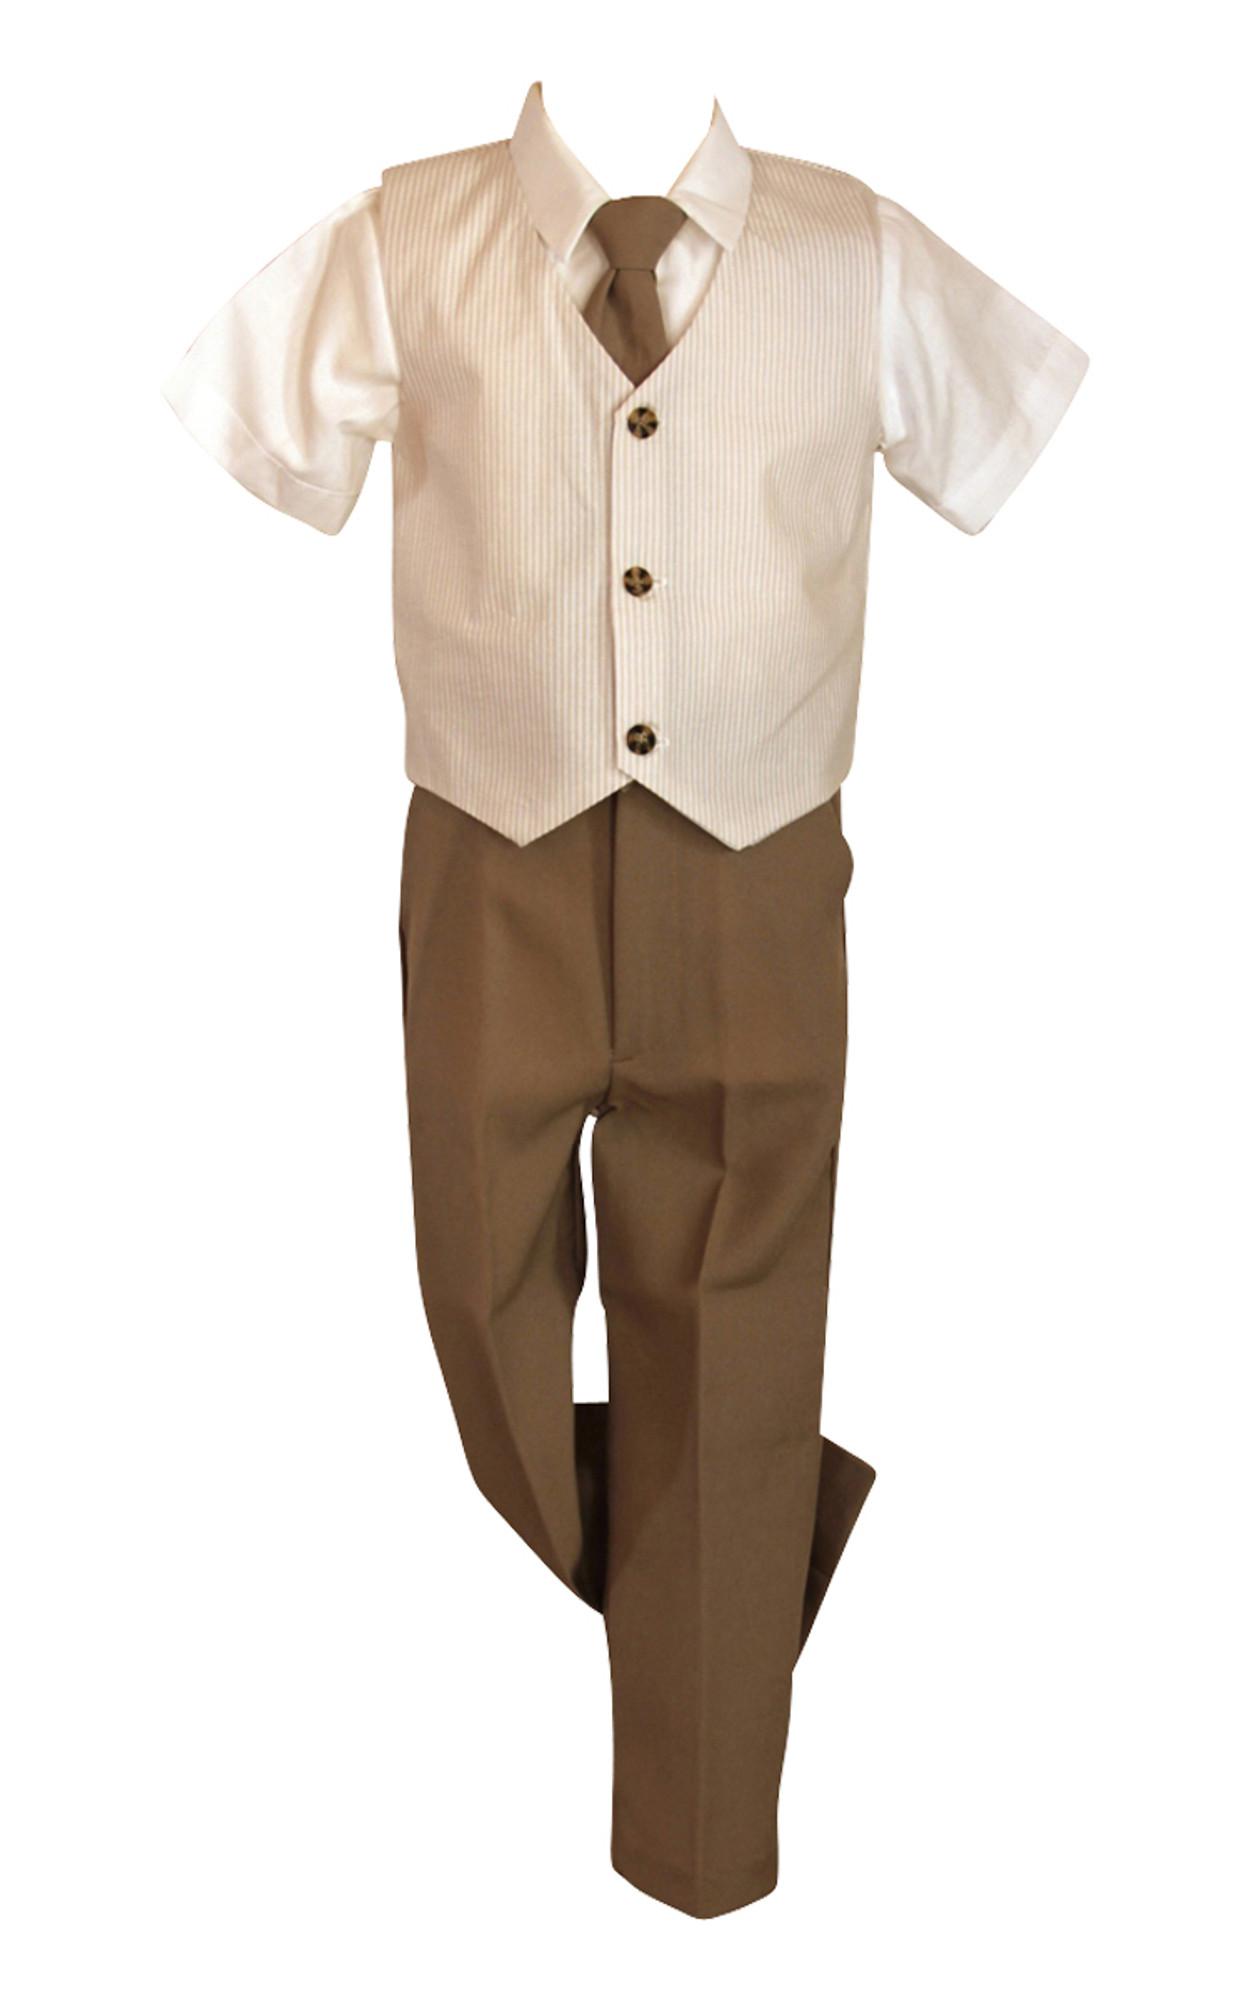 BIMARO Jungen Westenset Lucas beige Hemd kurzarm weiß gestreifte Weste Krawatte Set Hochzeit Taufe festlich